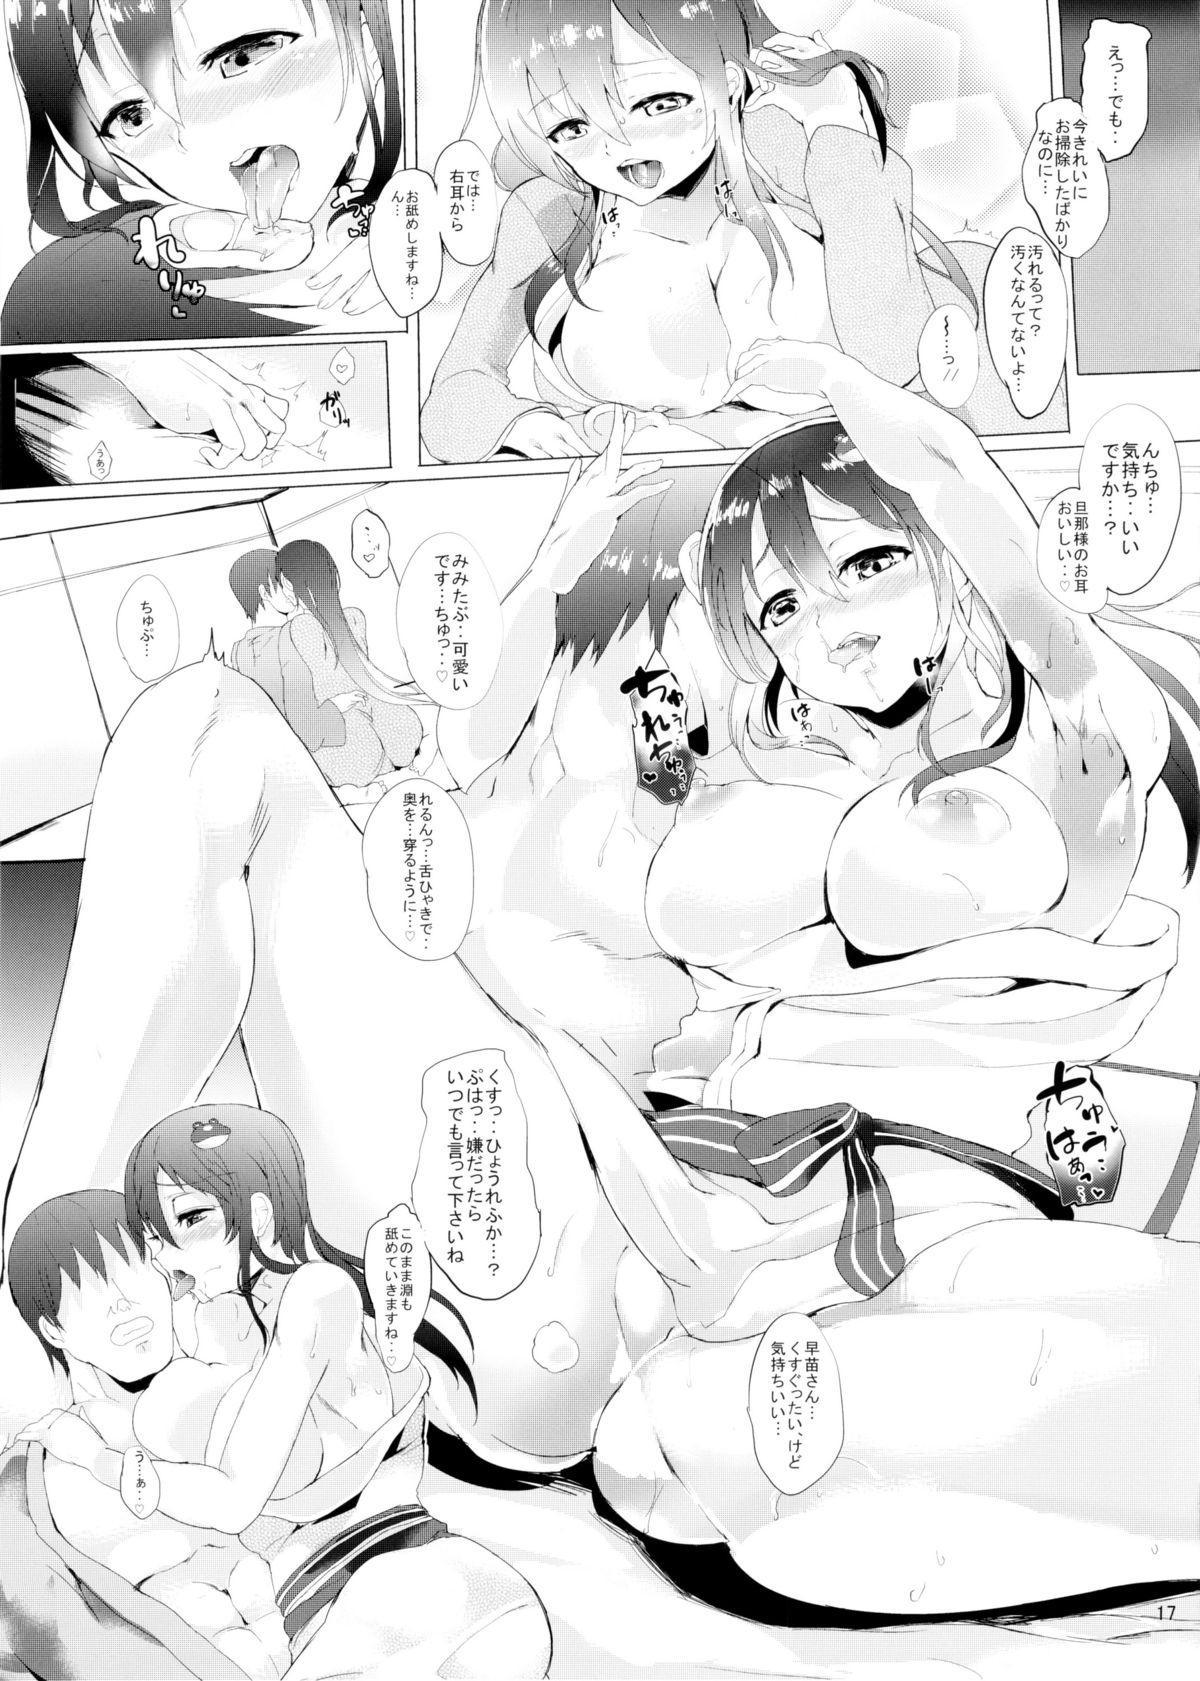 Shinkon Kochiya2 PREVIEW 18